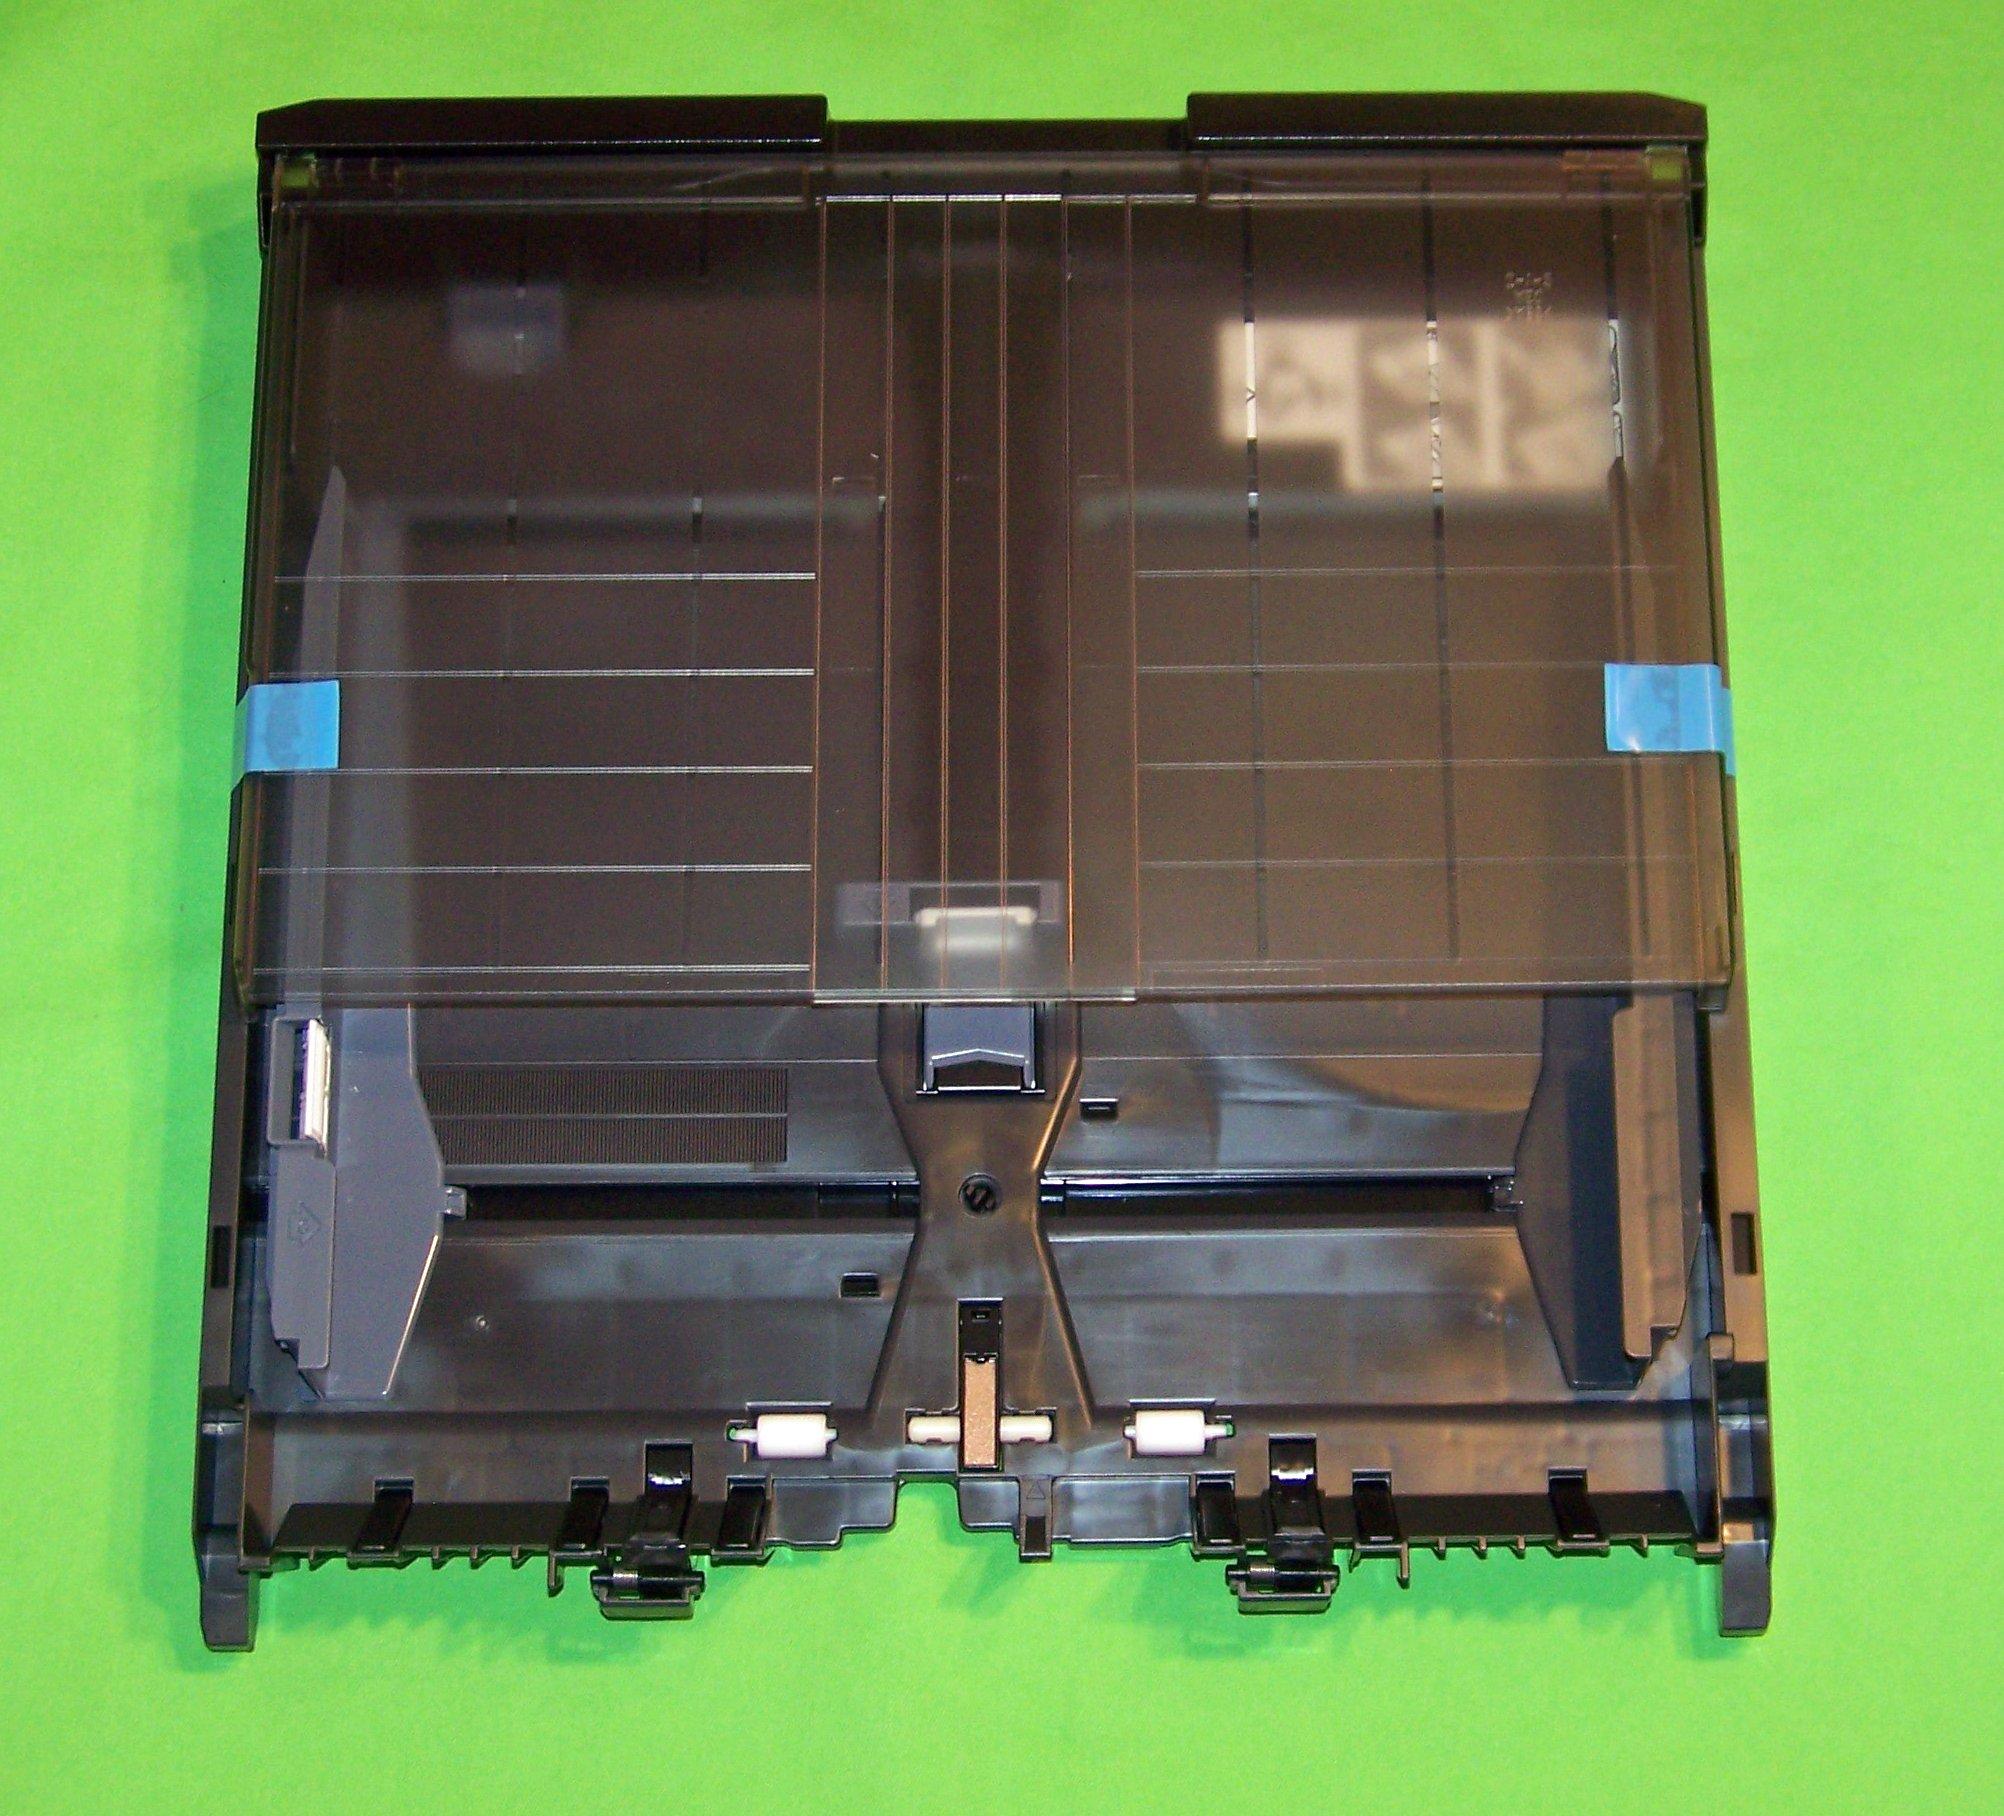 OEM Epson 1st Bin Paper Cassette Assembly Specifically For: WorkForce WF-7010, WorkForce WF-7011, WorkForce WF-7012, WorkForce WF-7015, WorkForce WF-7018, WorkForce WF-7520, WorkForce WF-7521, WF-7525